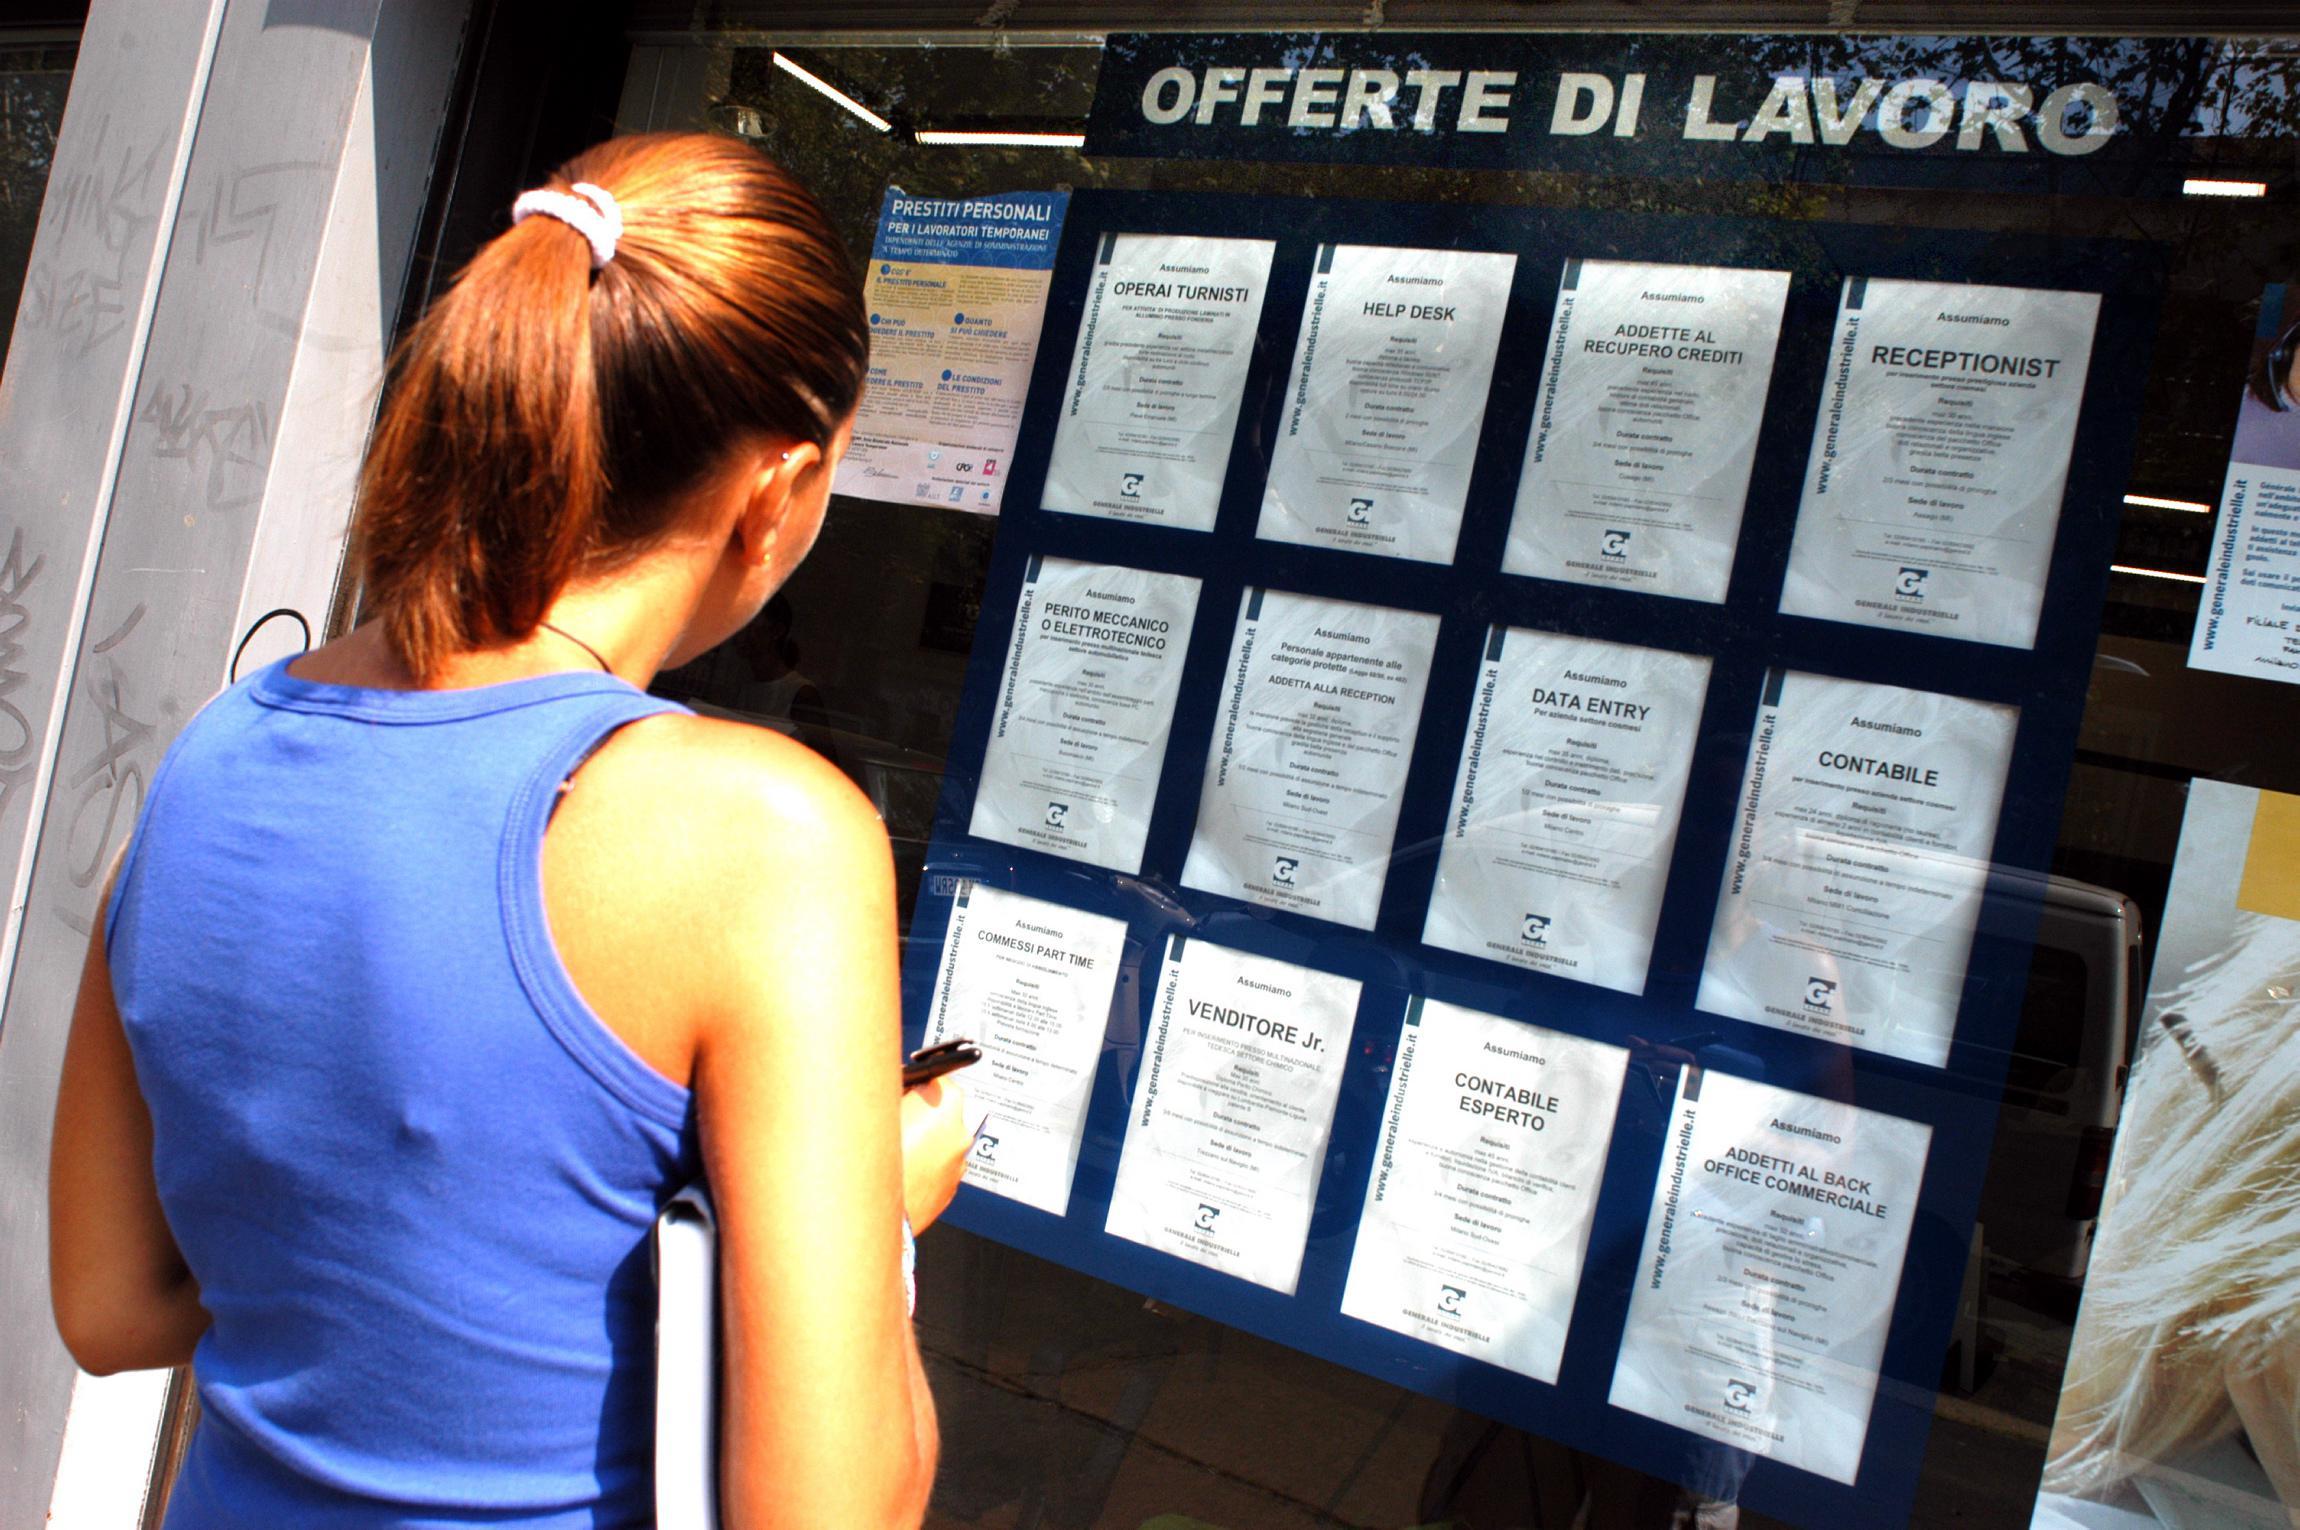 Disoccupati, in arrivo fino a 5mila euro per trovare lavoro